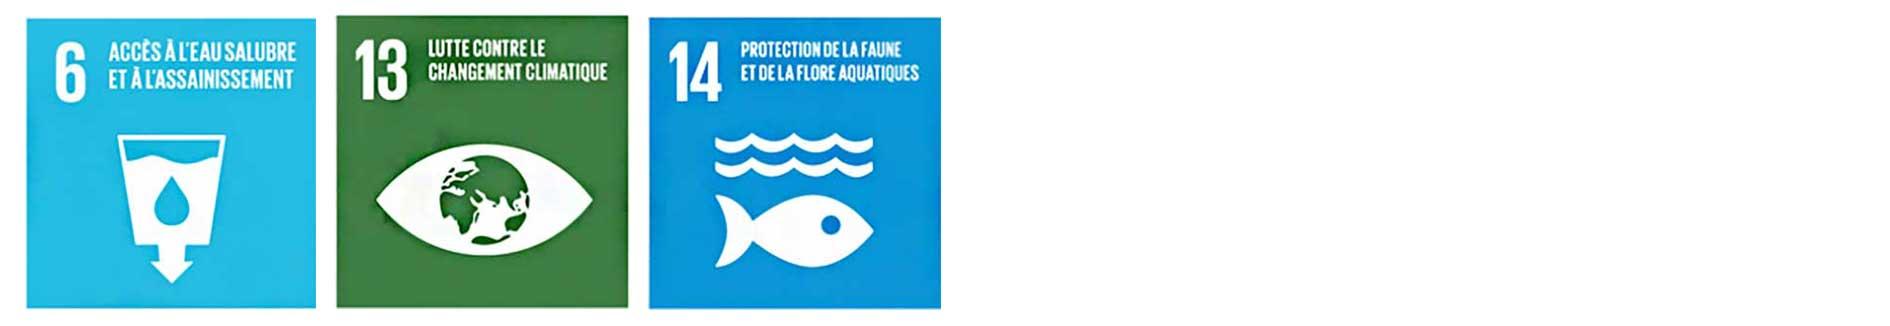 Objectifs de développement durable 2030 liés au thème eau